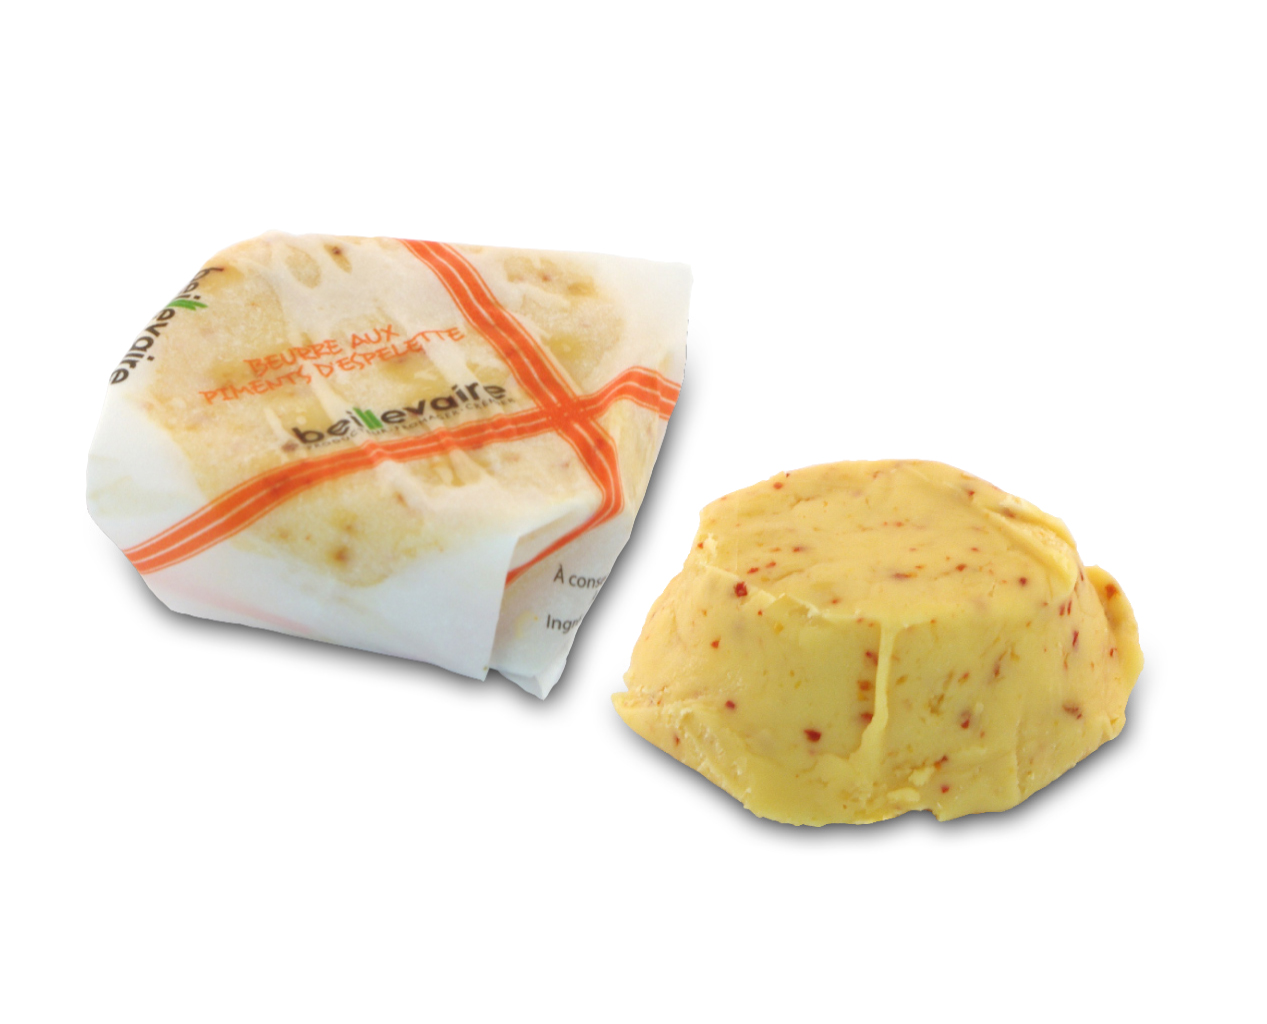 Beurre artisanal au piment d'Espelette, Beillevaire (20 g)